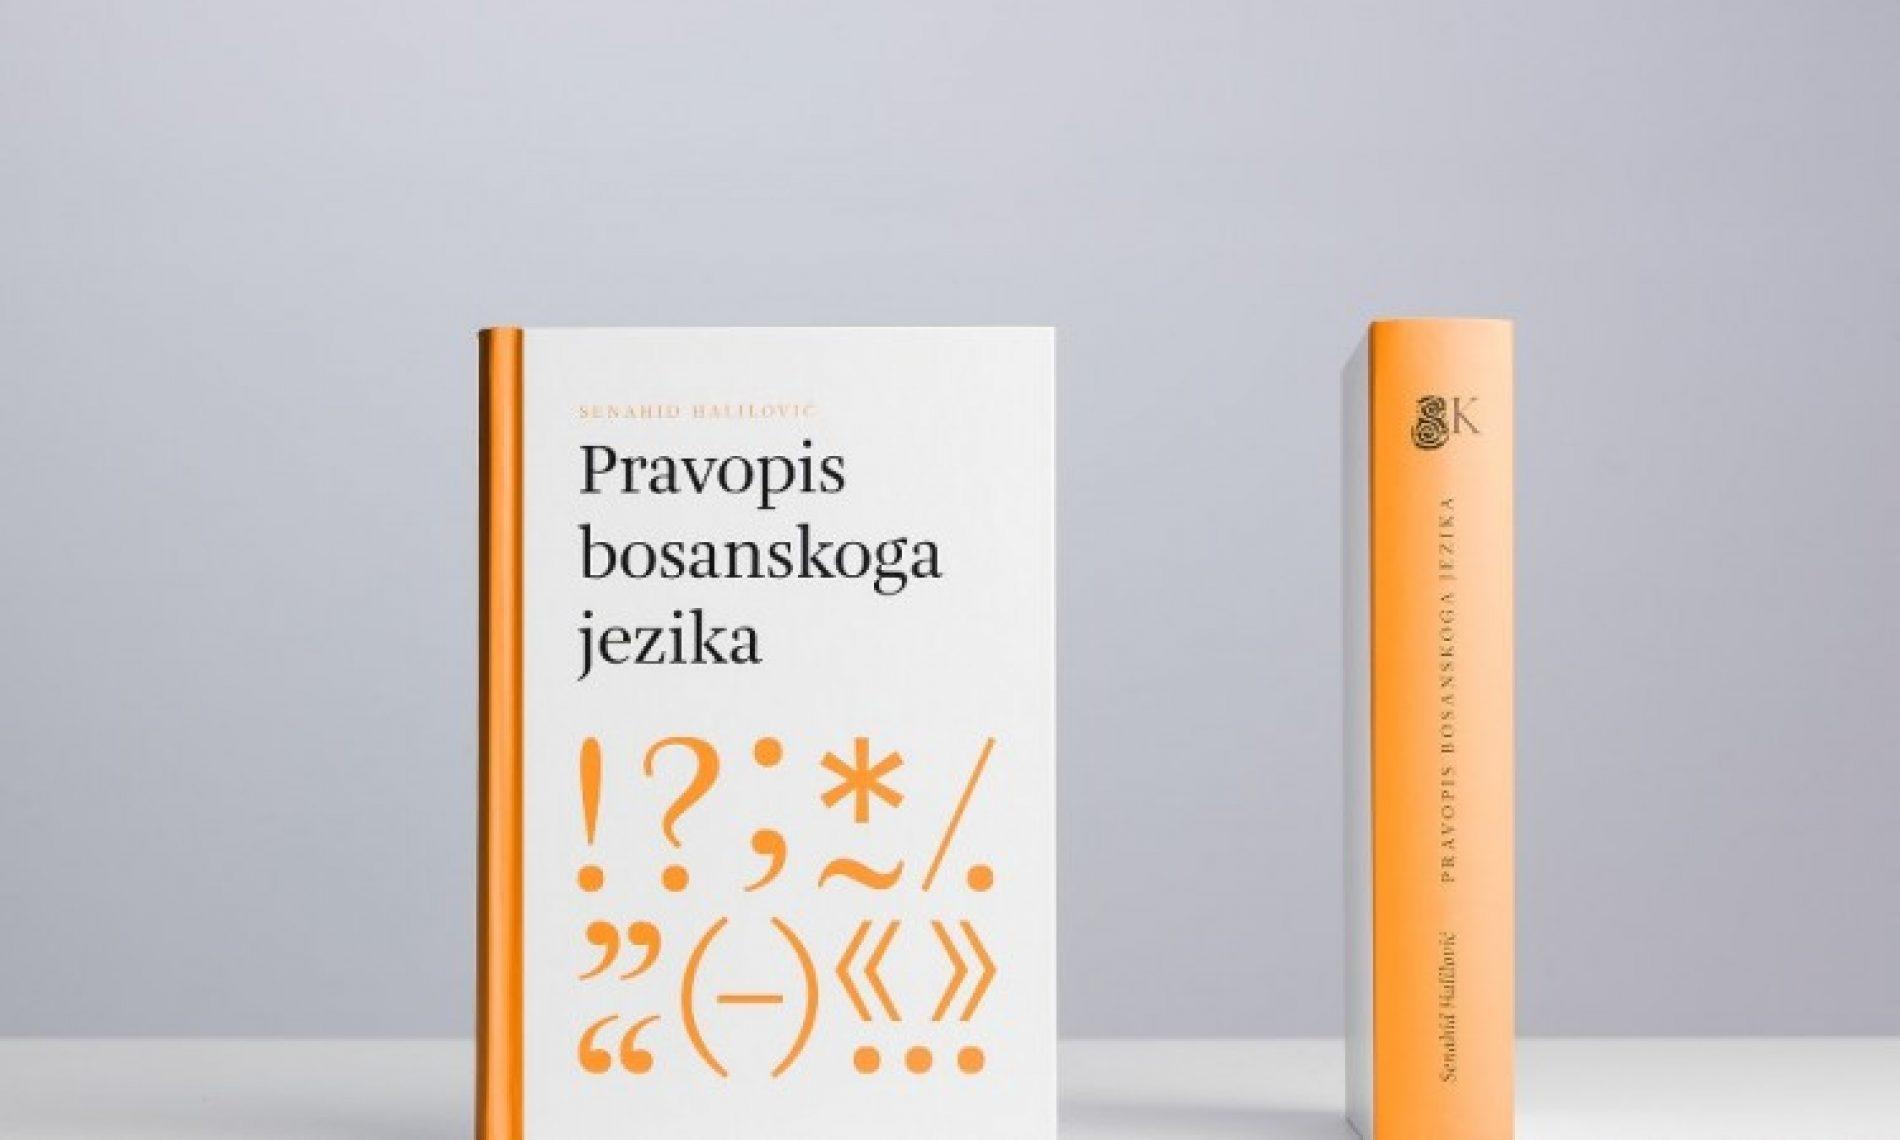 Uskoro predstavljanje novog izdanja Pravopisa bosanskoga jezika